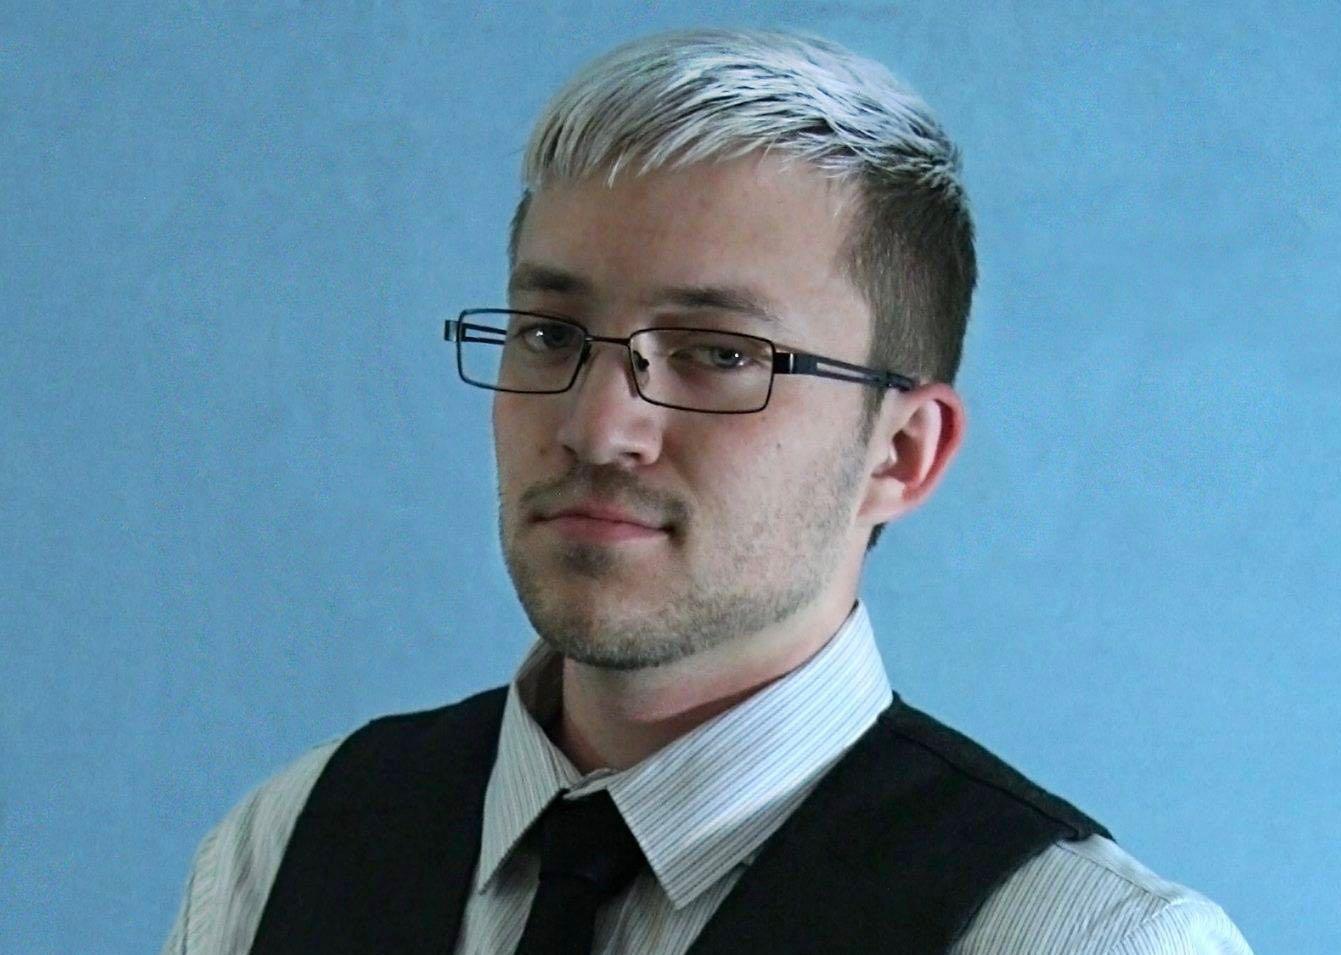 Profile Picture (1).jpg